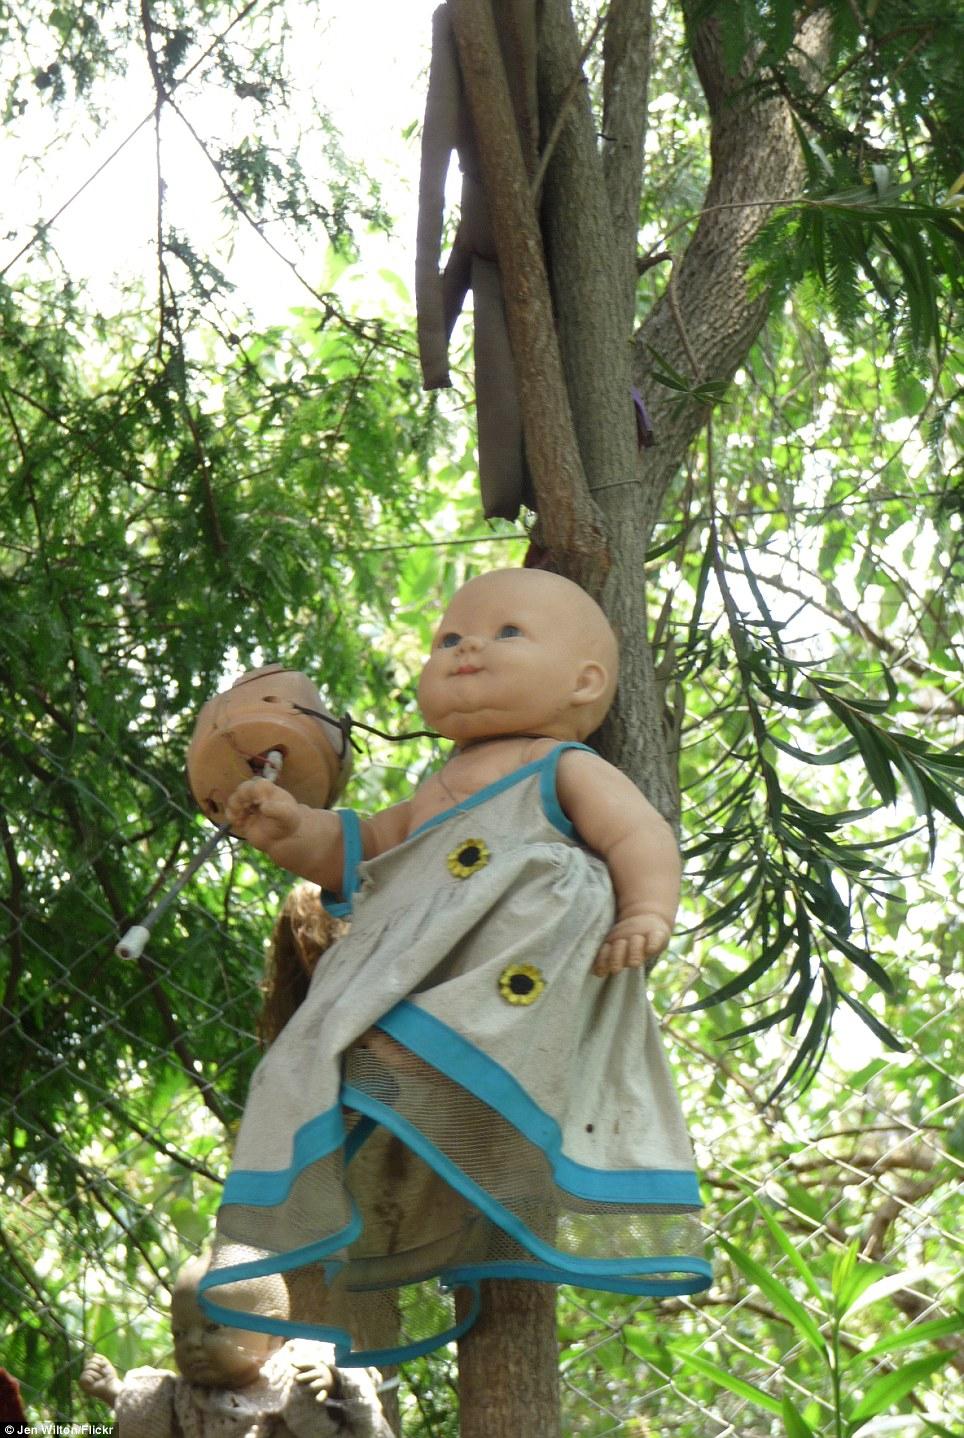 بالصور جزيرة الدمى المسكونة , صور مرعبة وقصة غريبة 4597 11